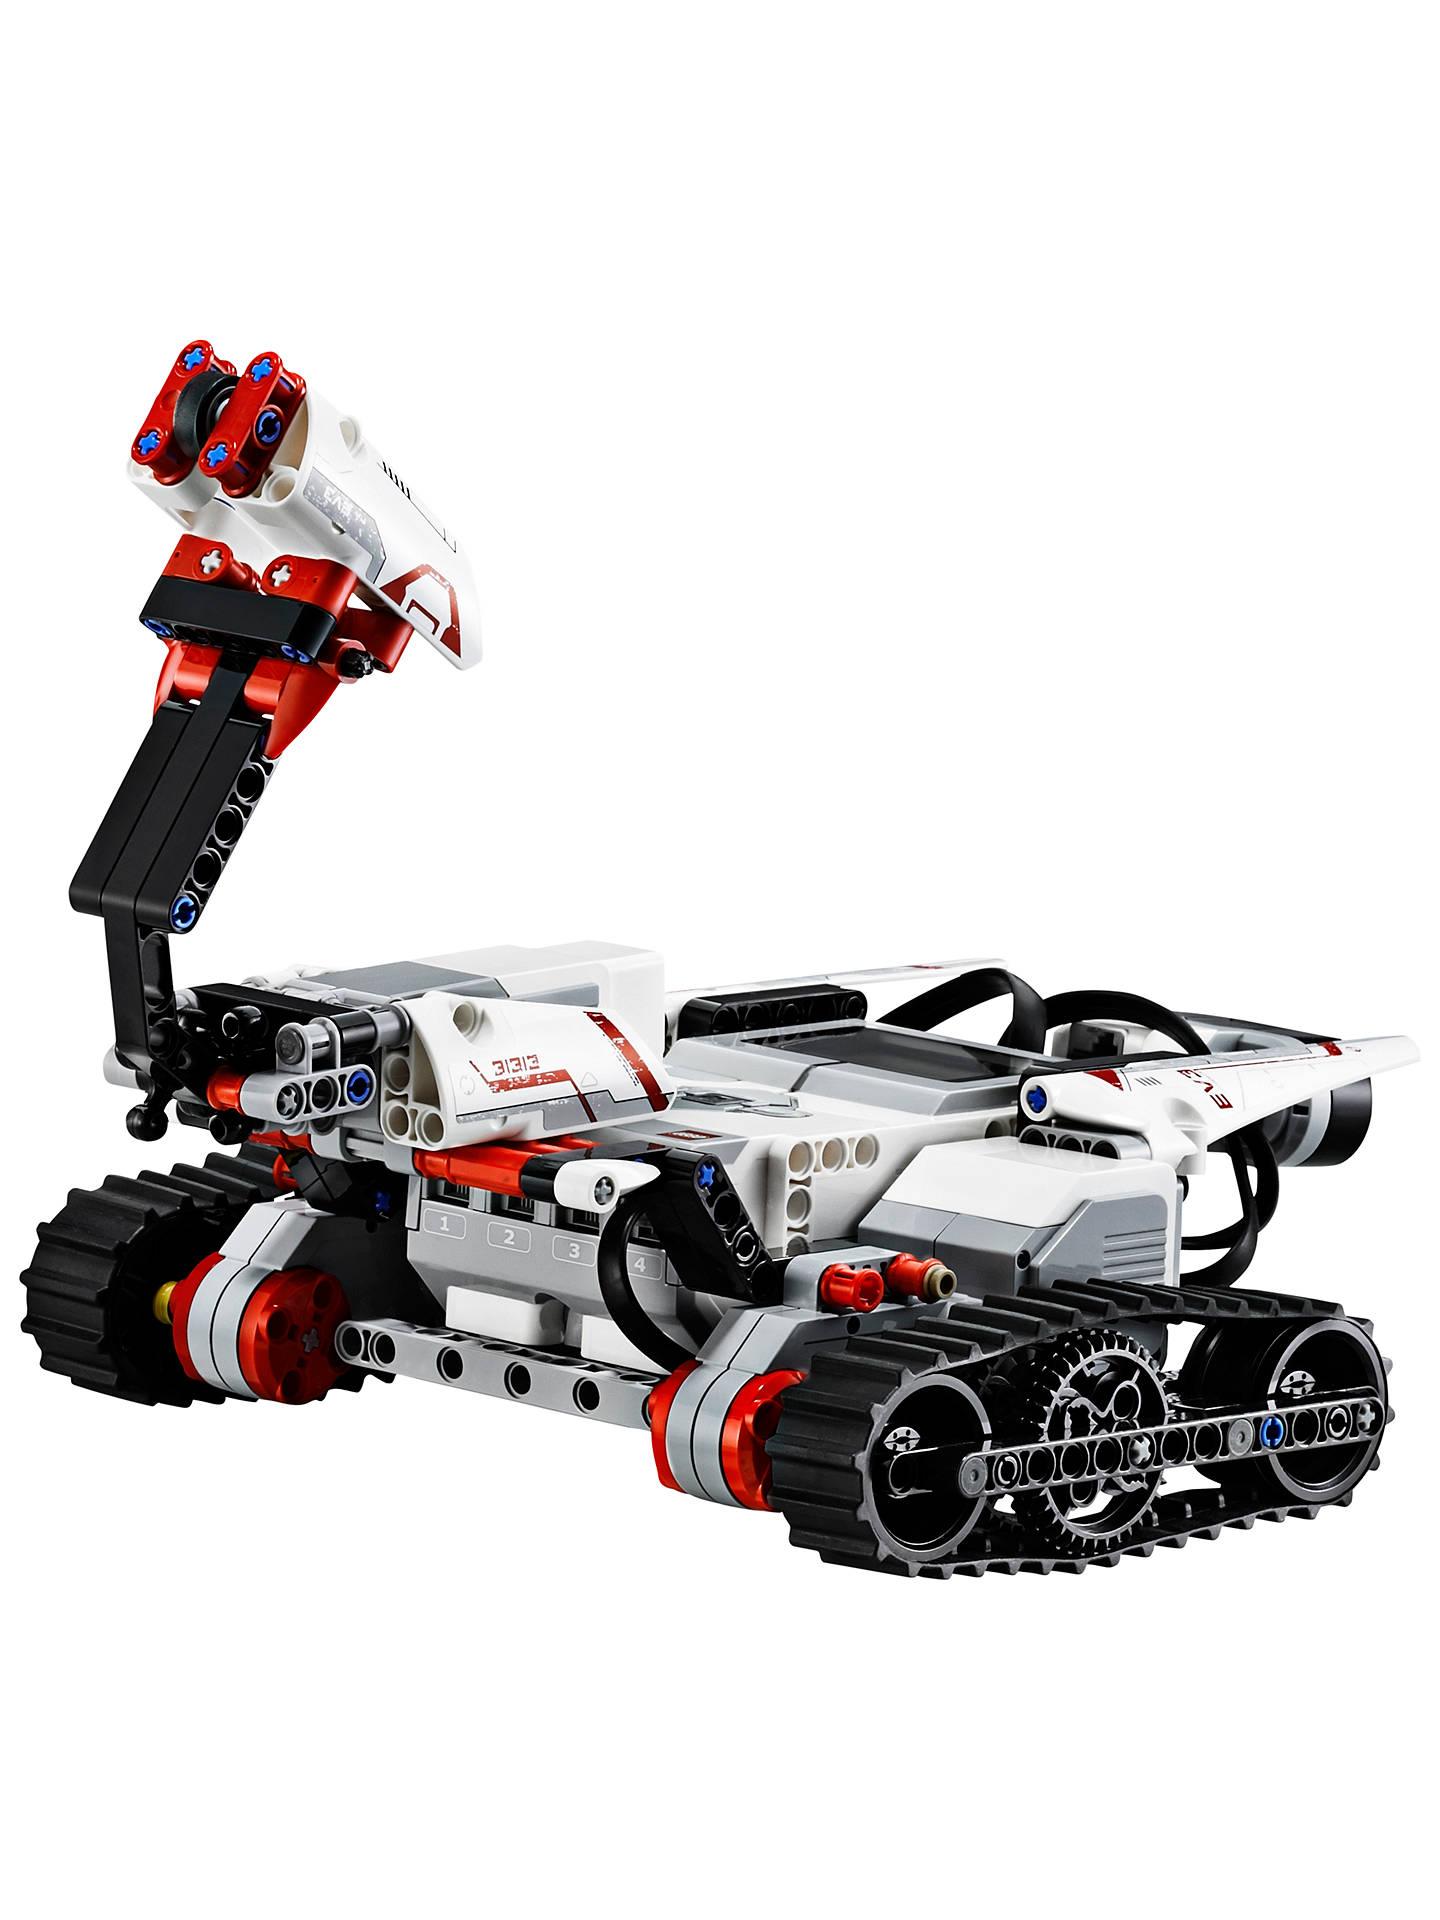 LEGO Mindstorms 2013 31313 EV3